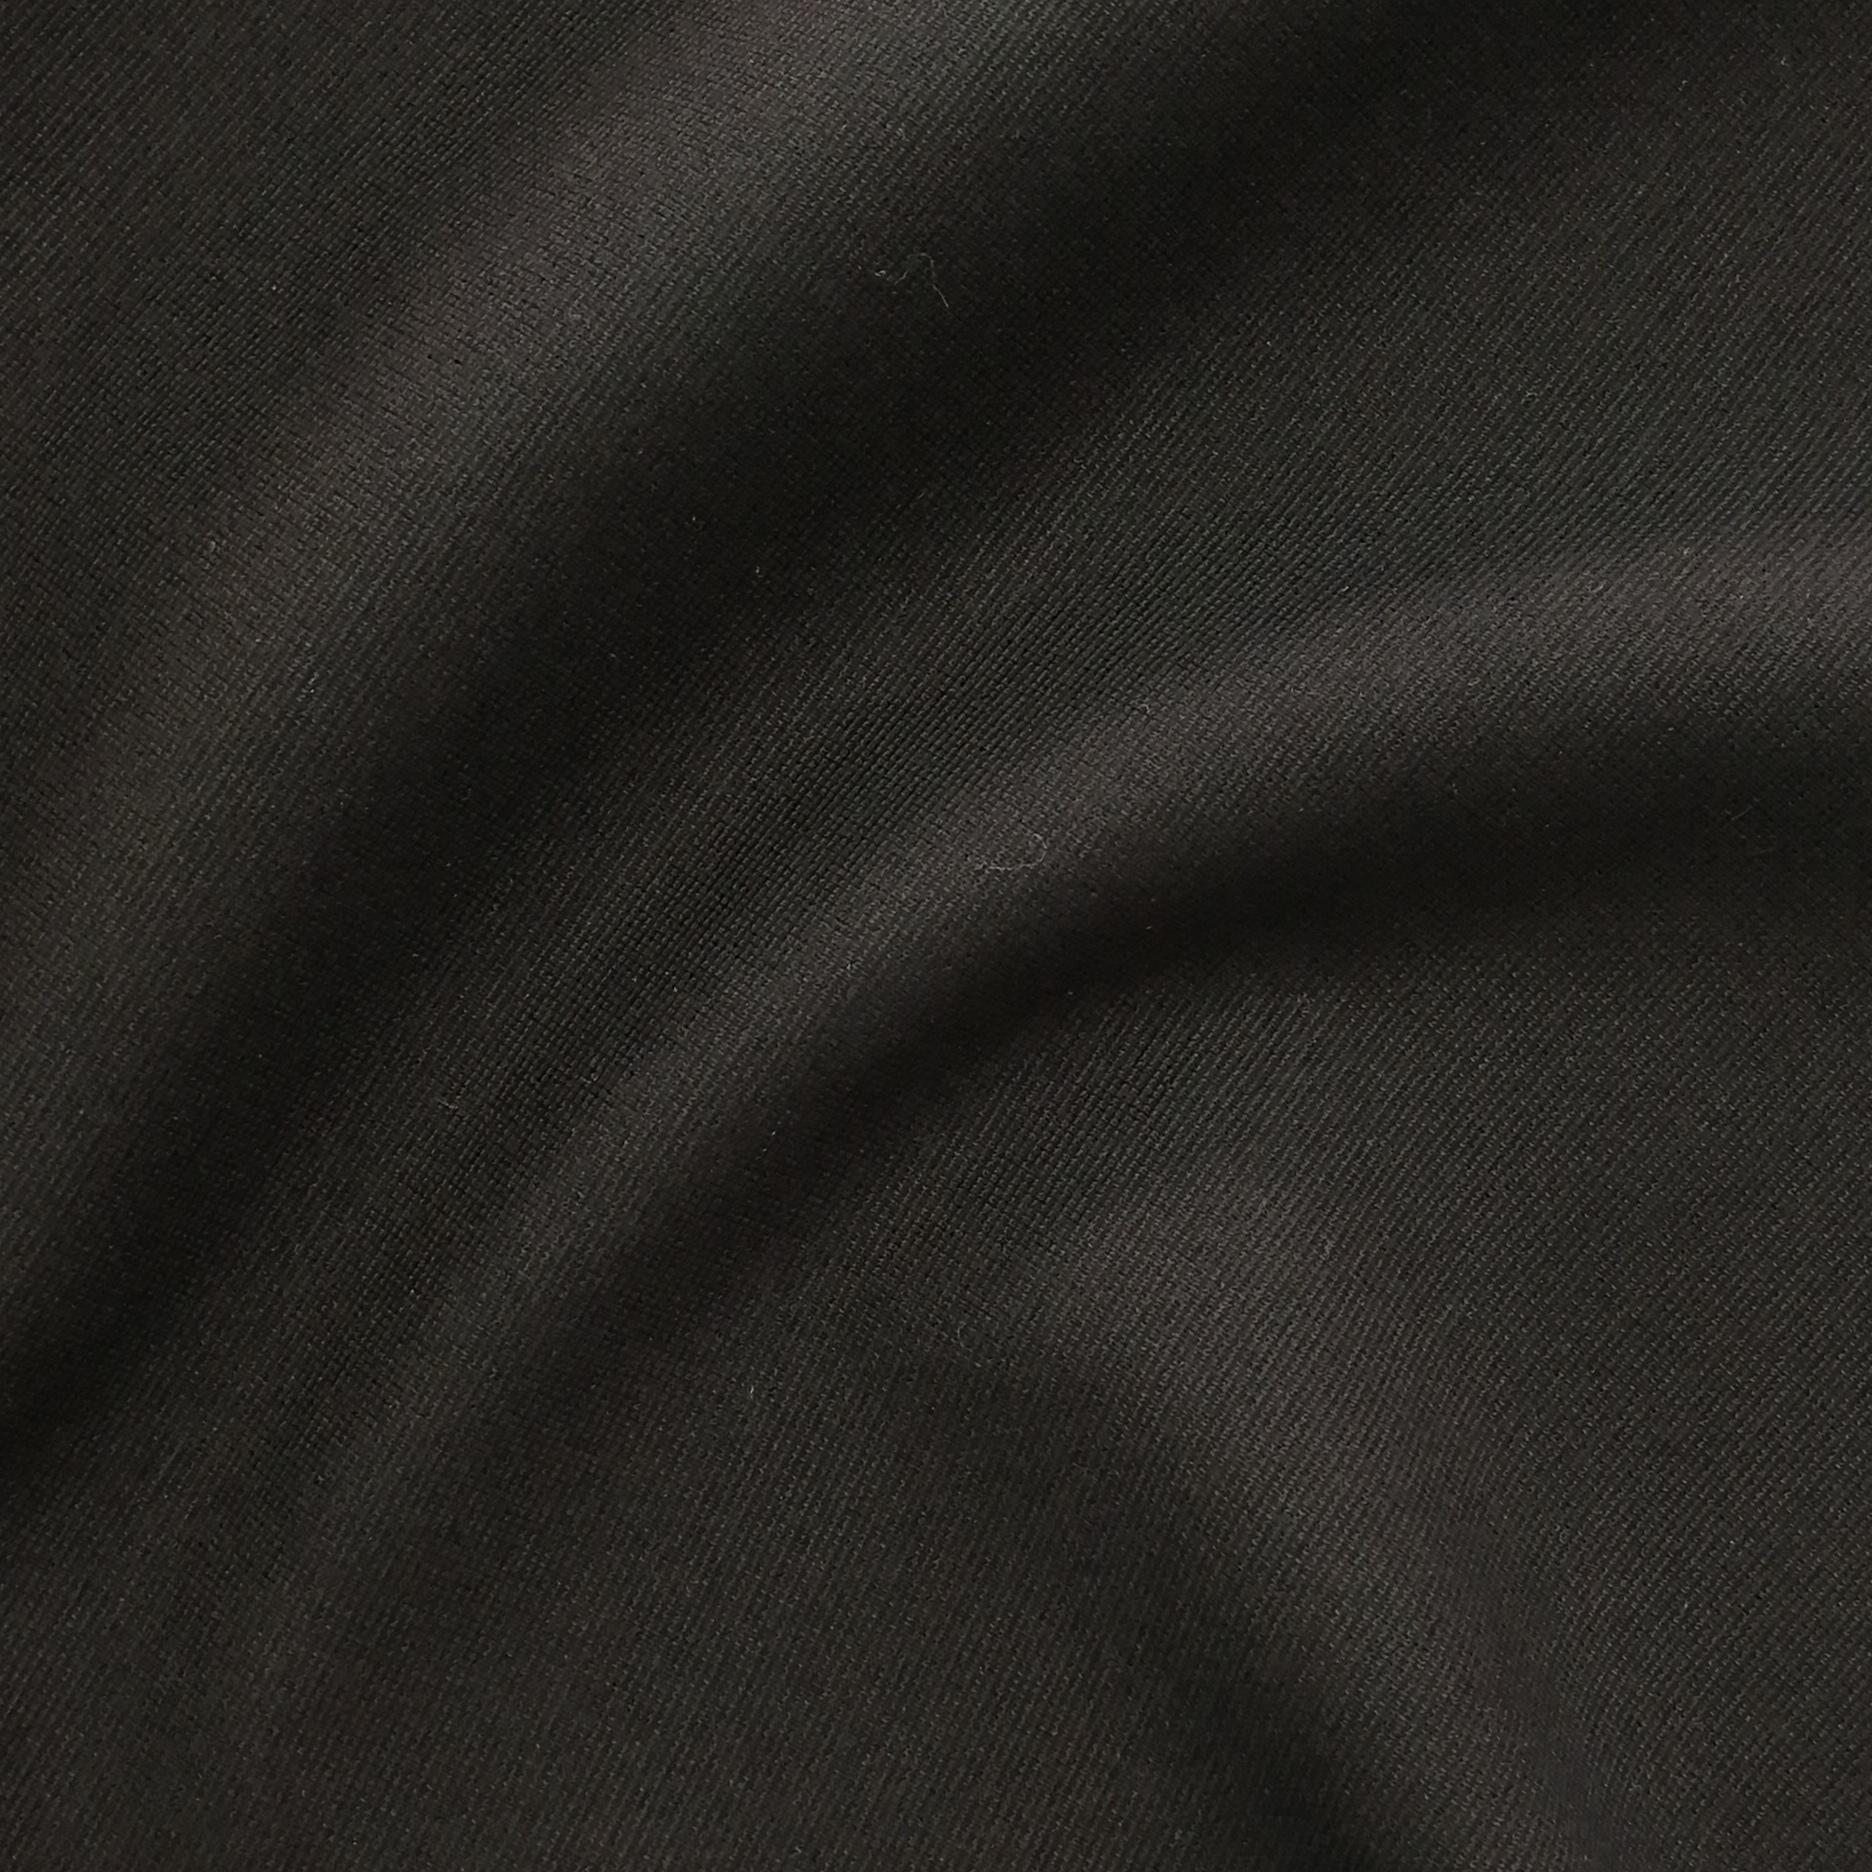 Зернистое вискозное стретч-джерси черного цвета